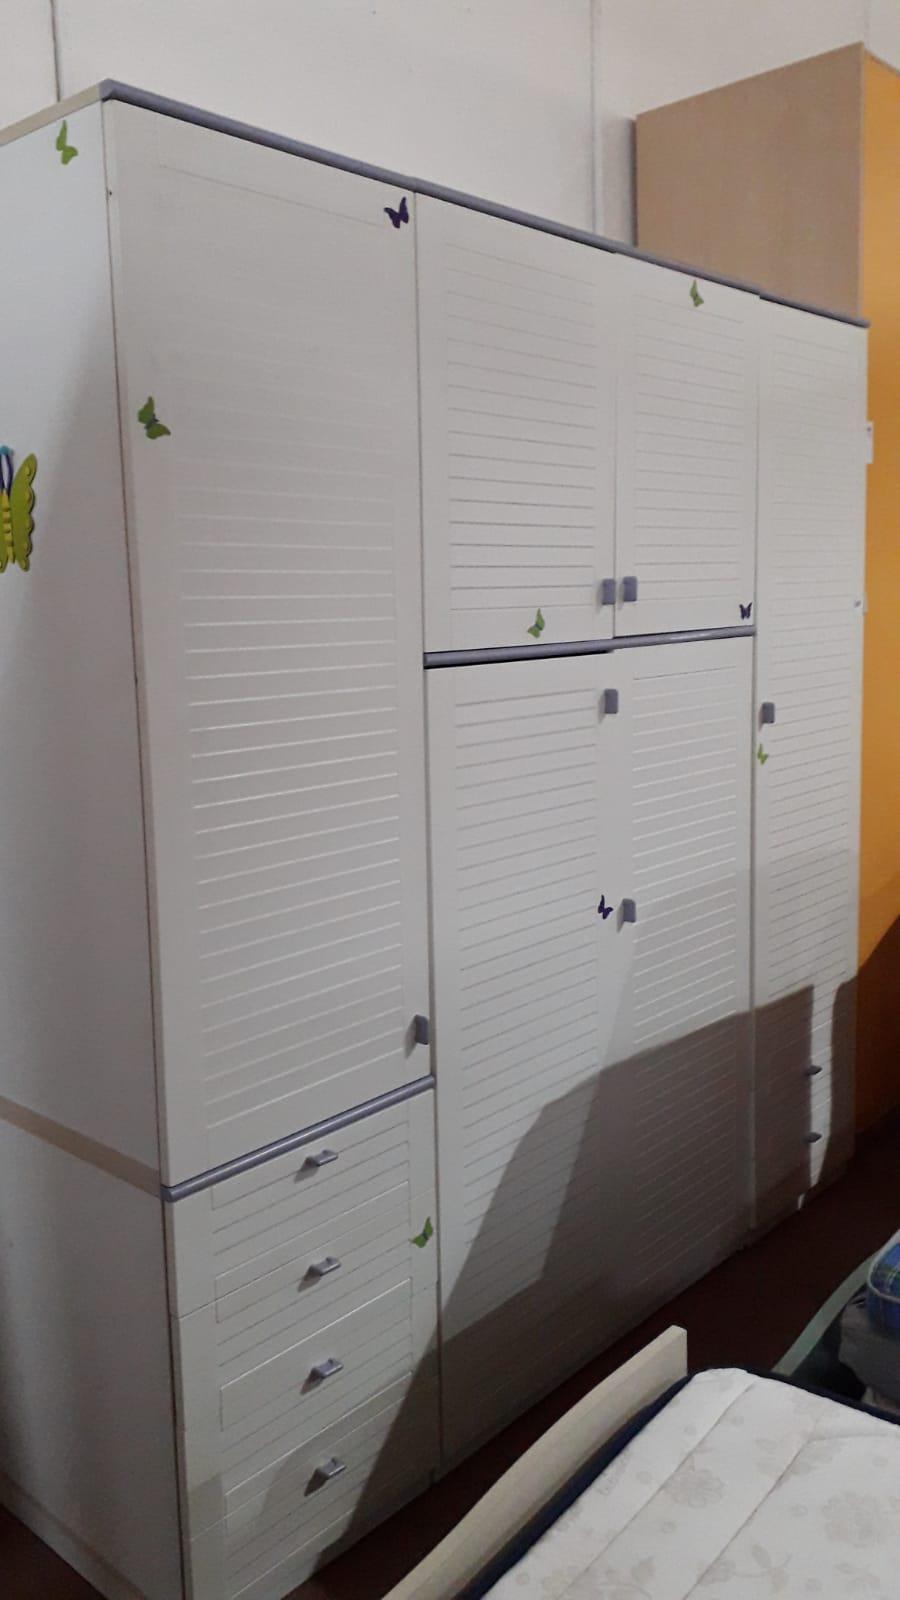 Ante A Persiana catanzaro armadio 4 ante a persiana + cassettiera